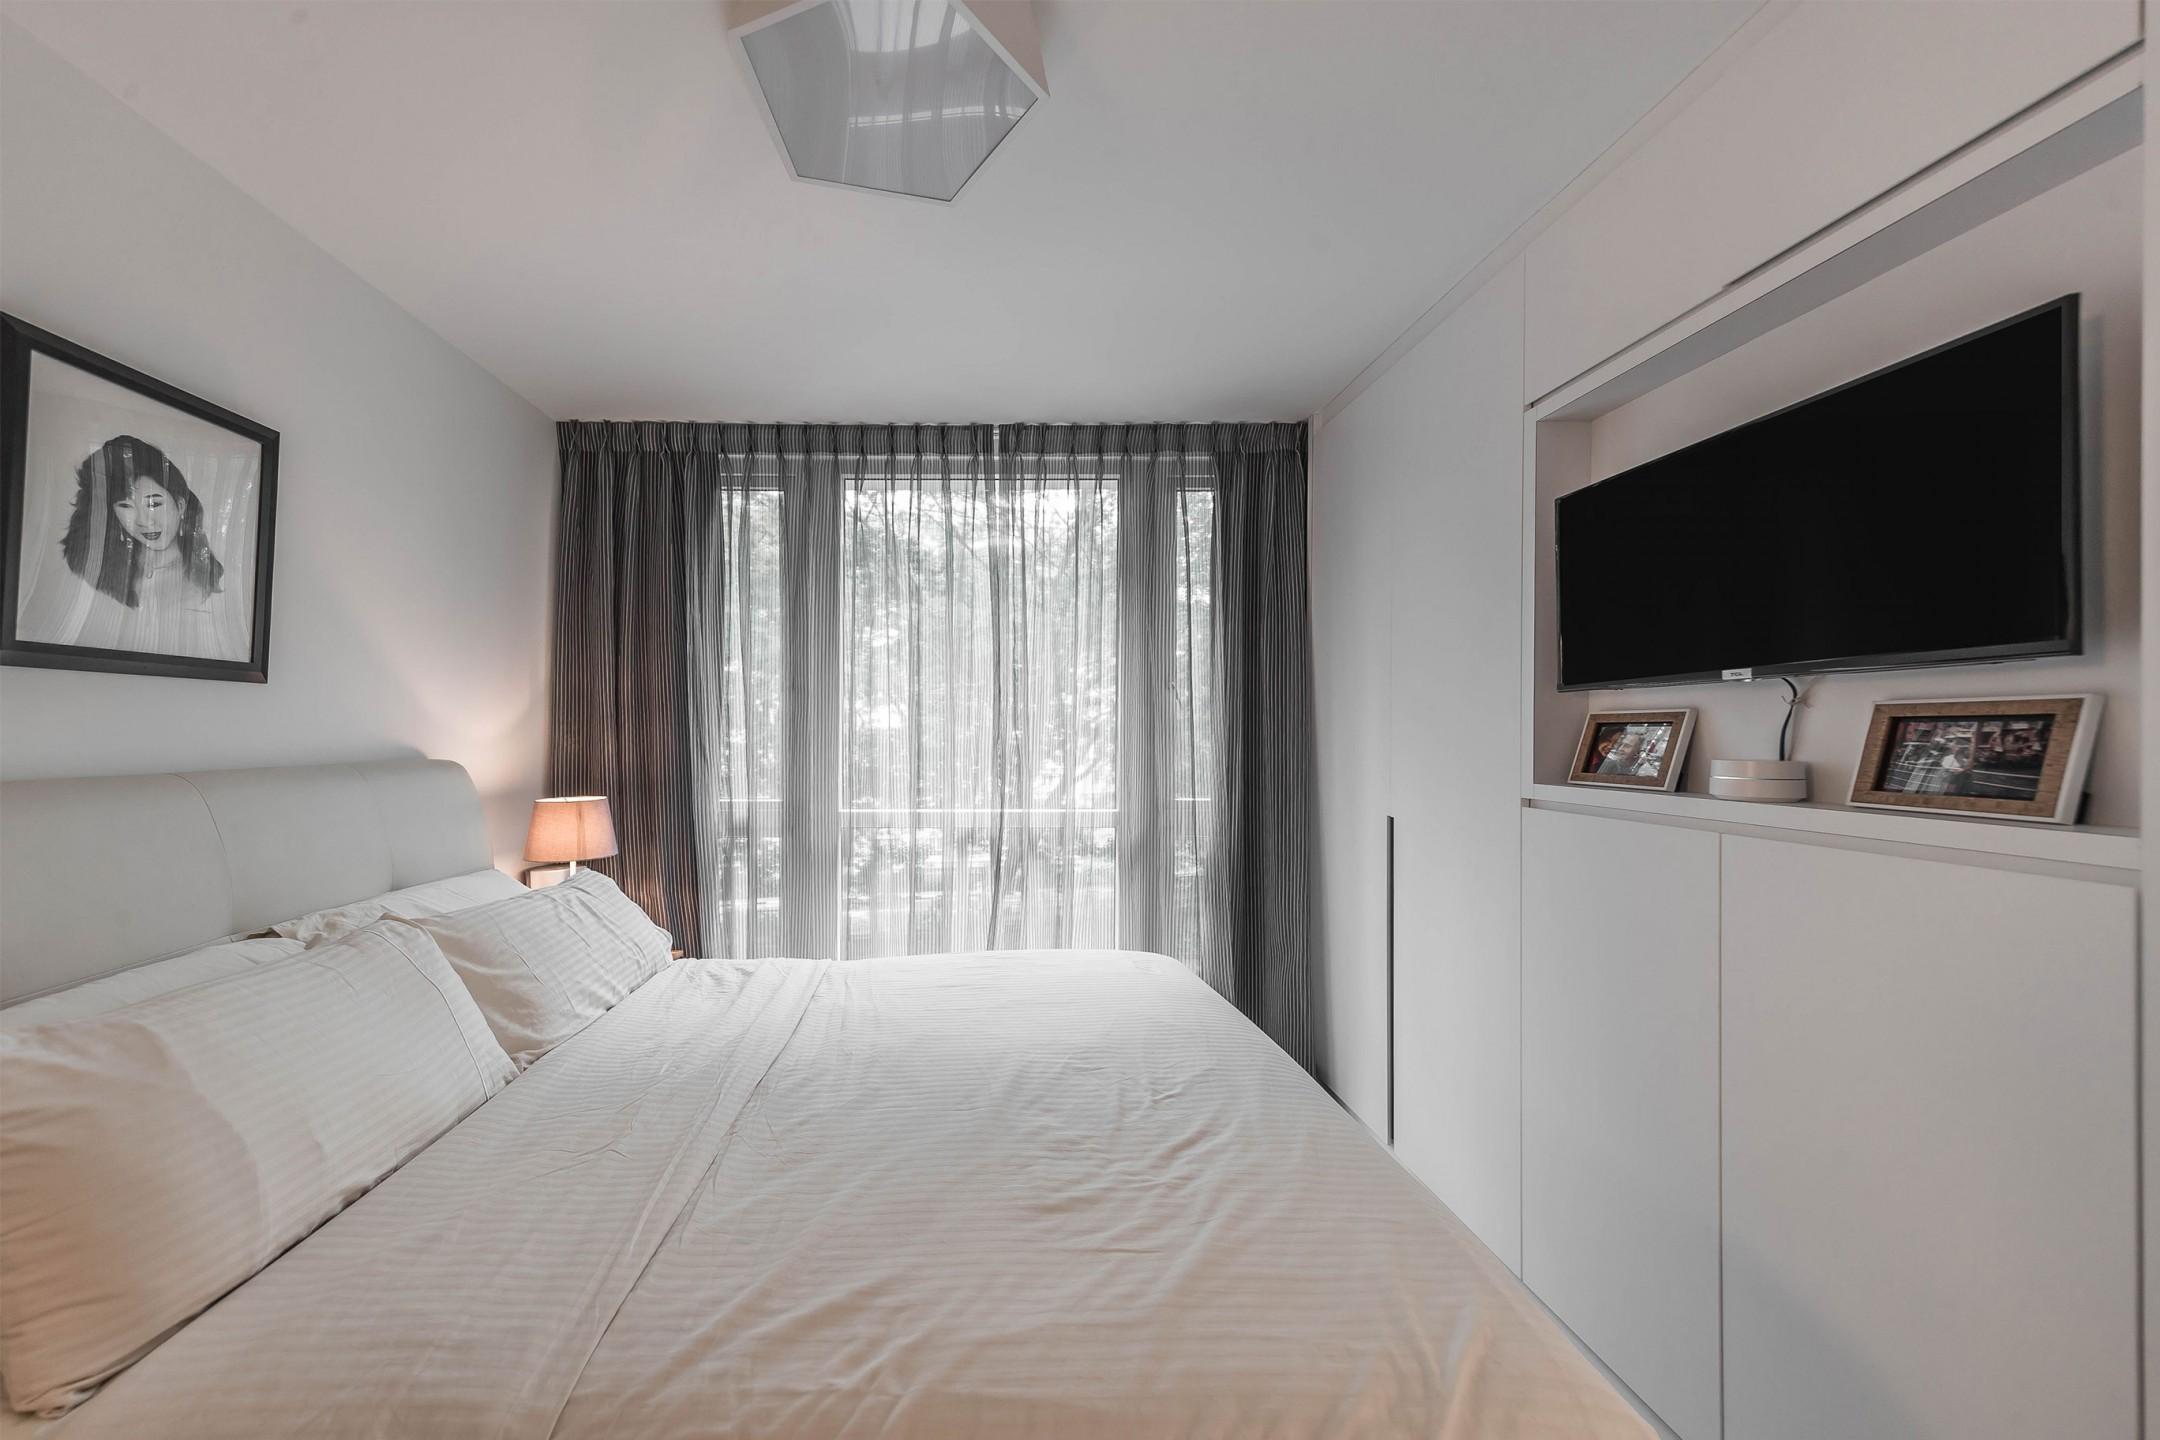 squarerooms renozone condo condominium renovation home interior design bedroom minimalist white